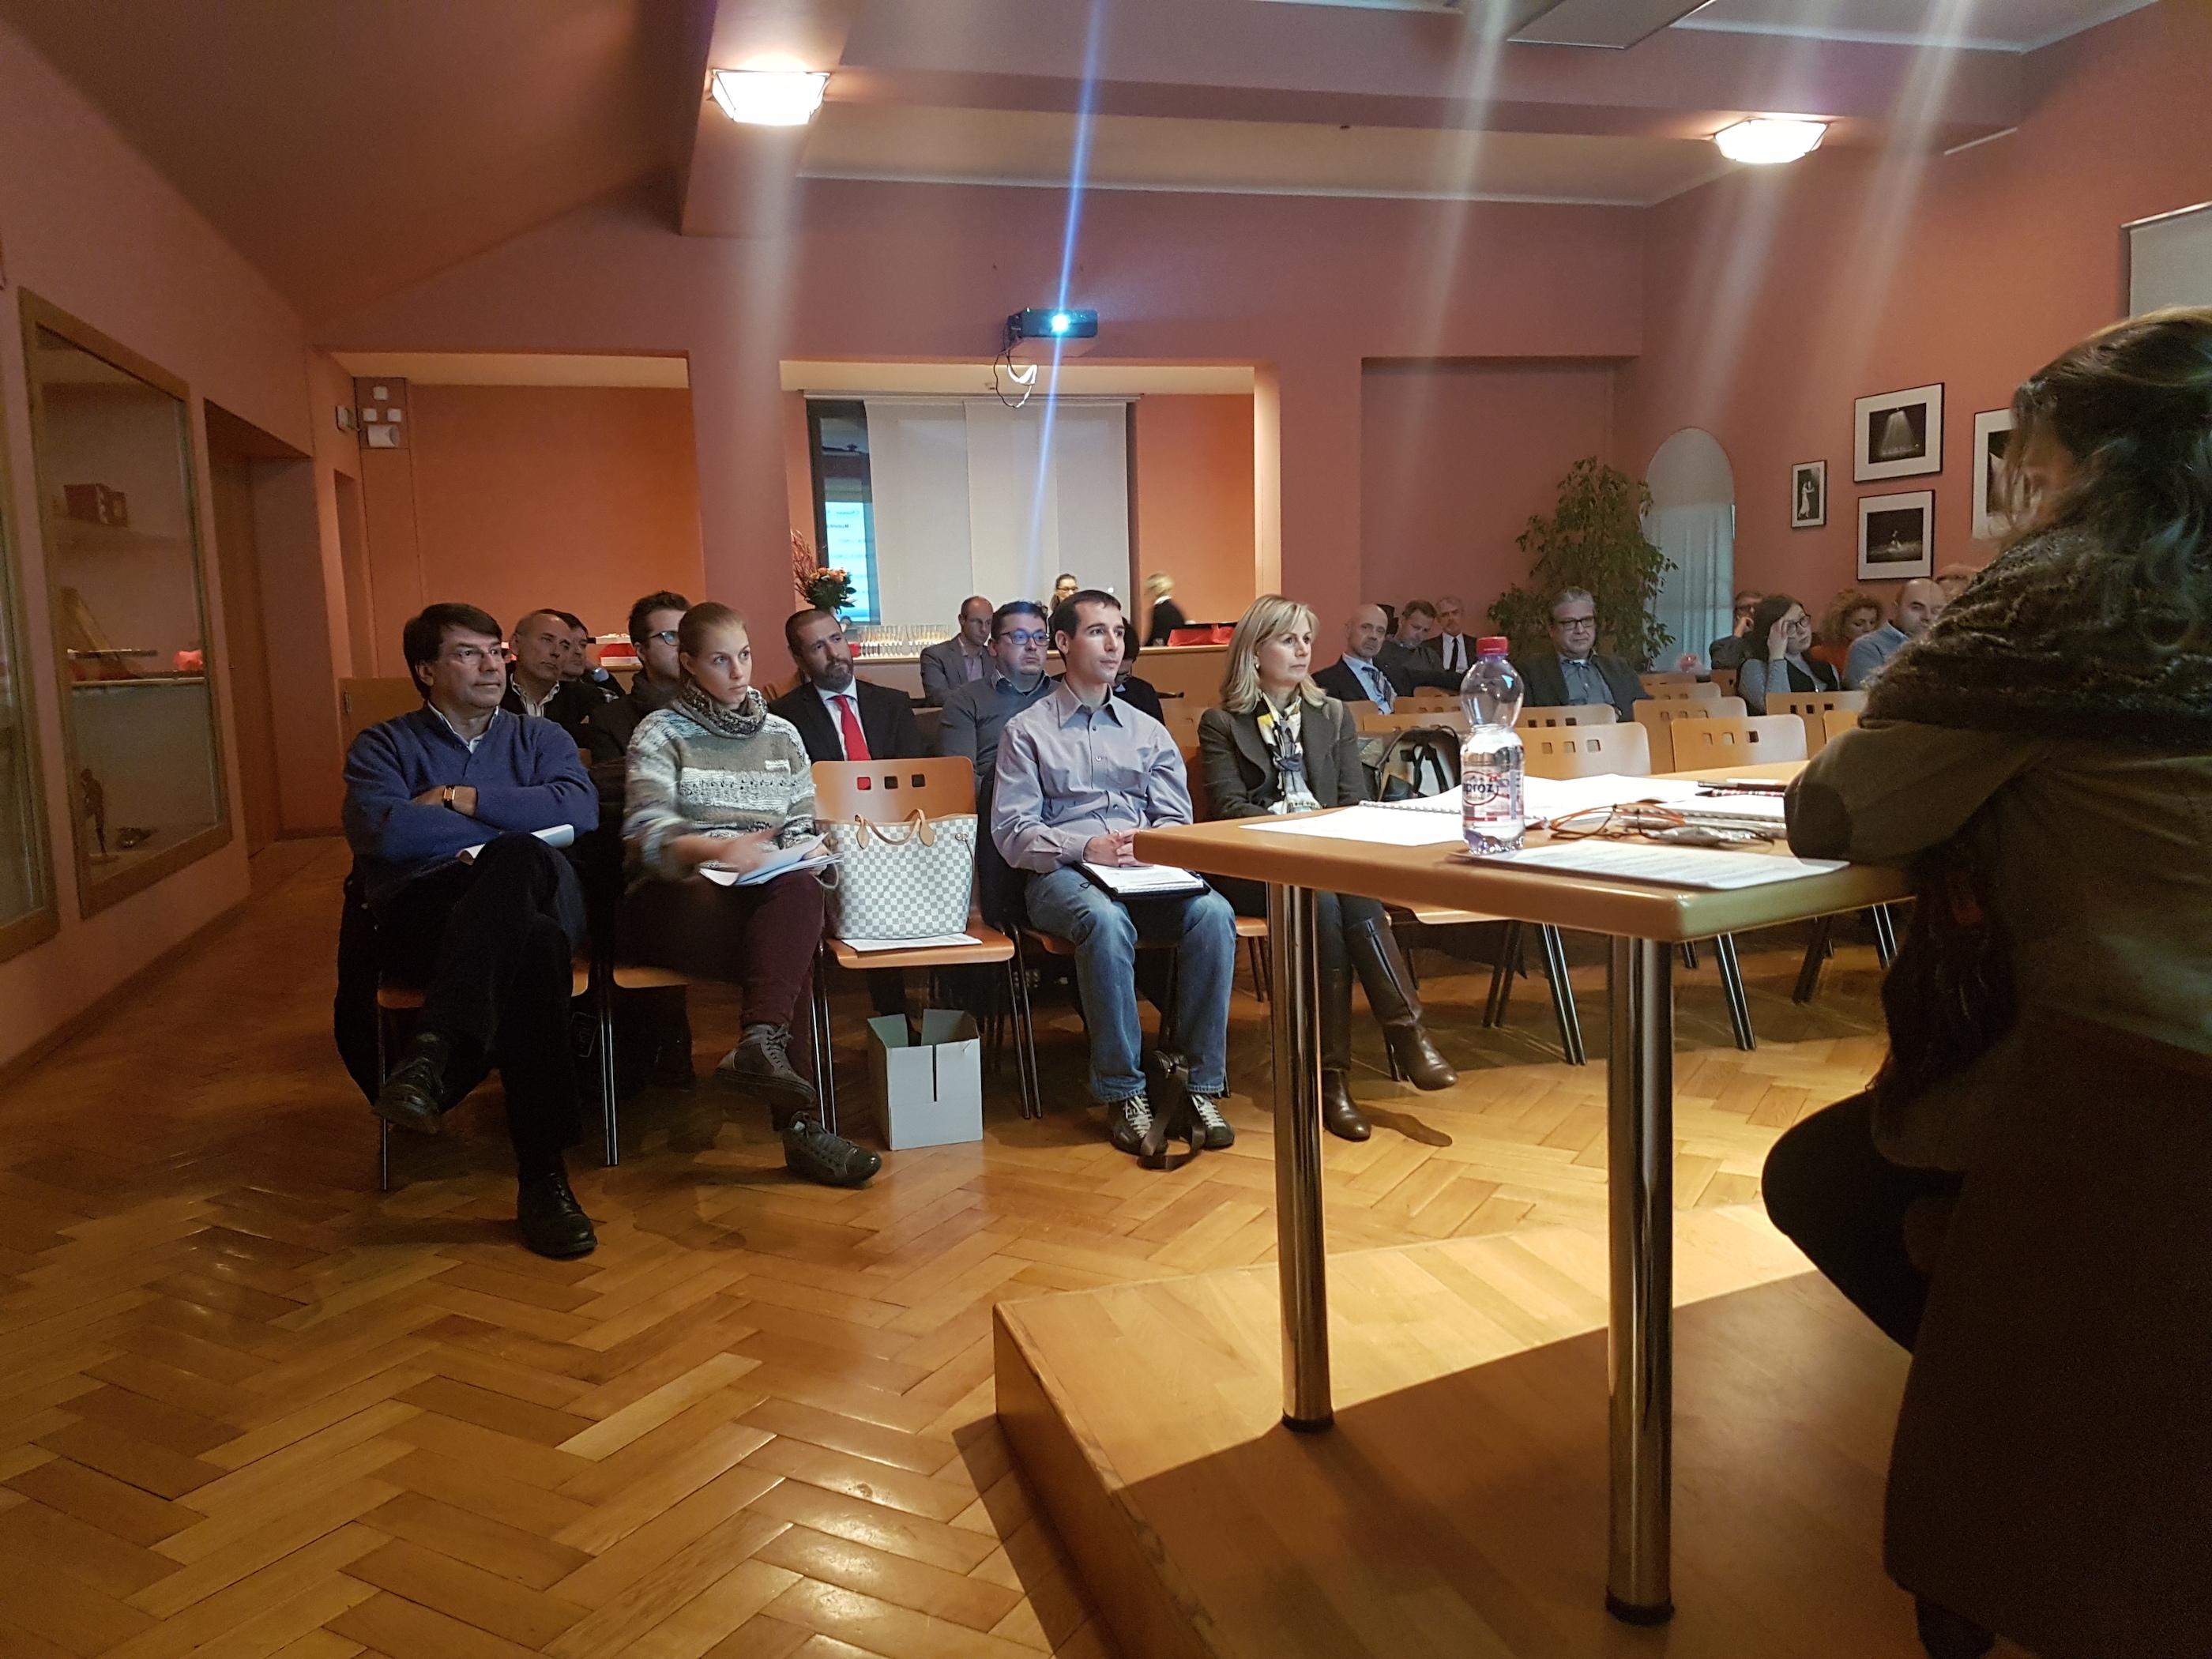 Foto dell'incontro alla Foyer Cinema Teatro di Chiasso